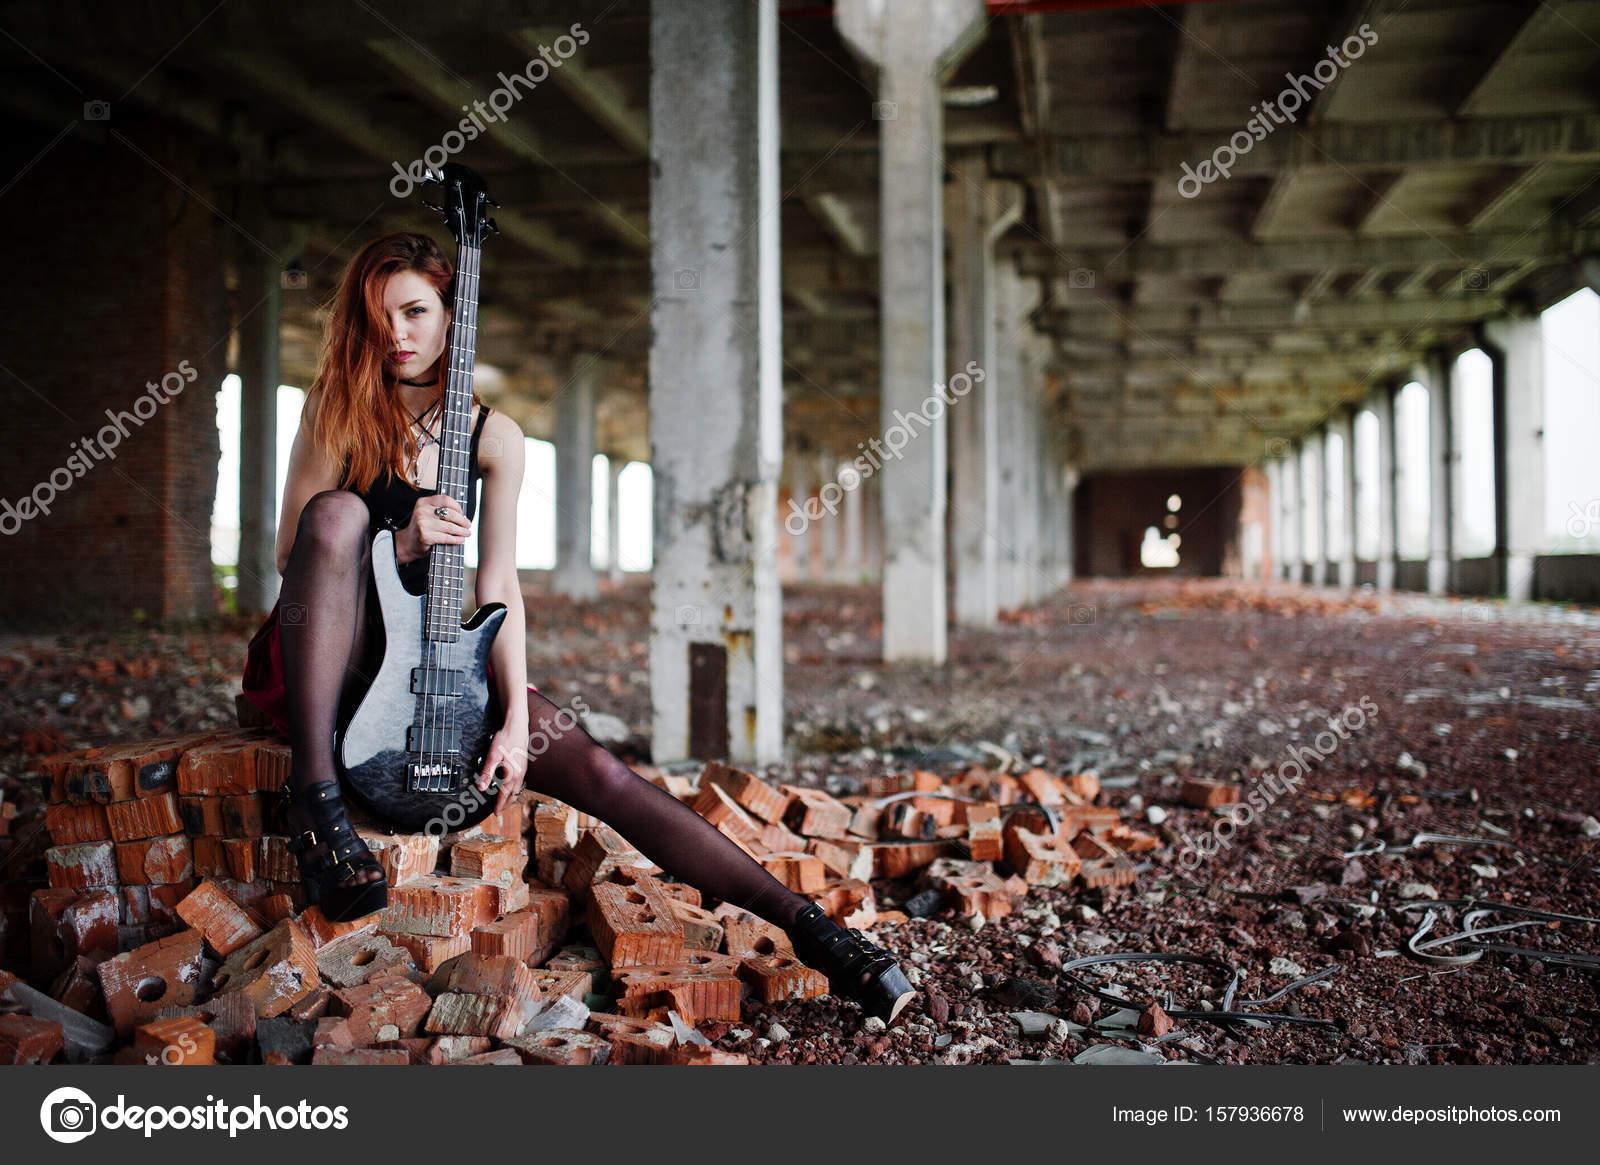 d2636867e Chica punk pelo rojo desgaste en falda roja y negra, con guit bajo ...